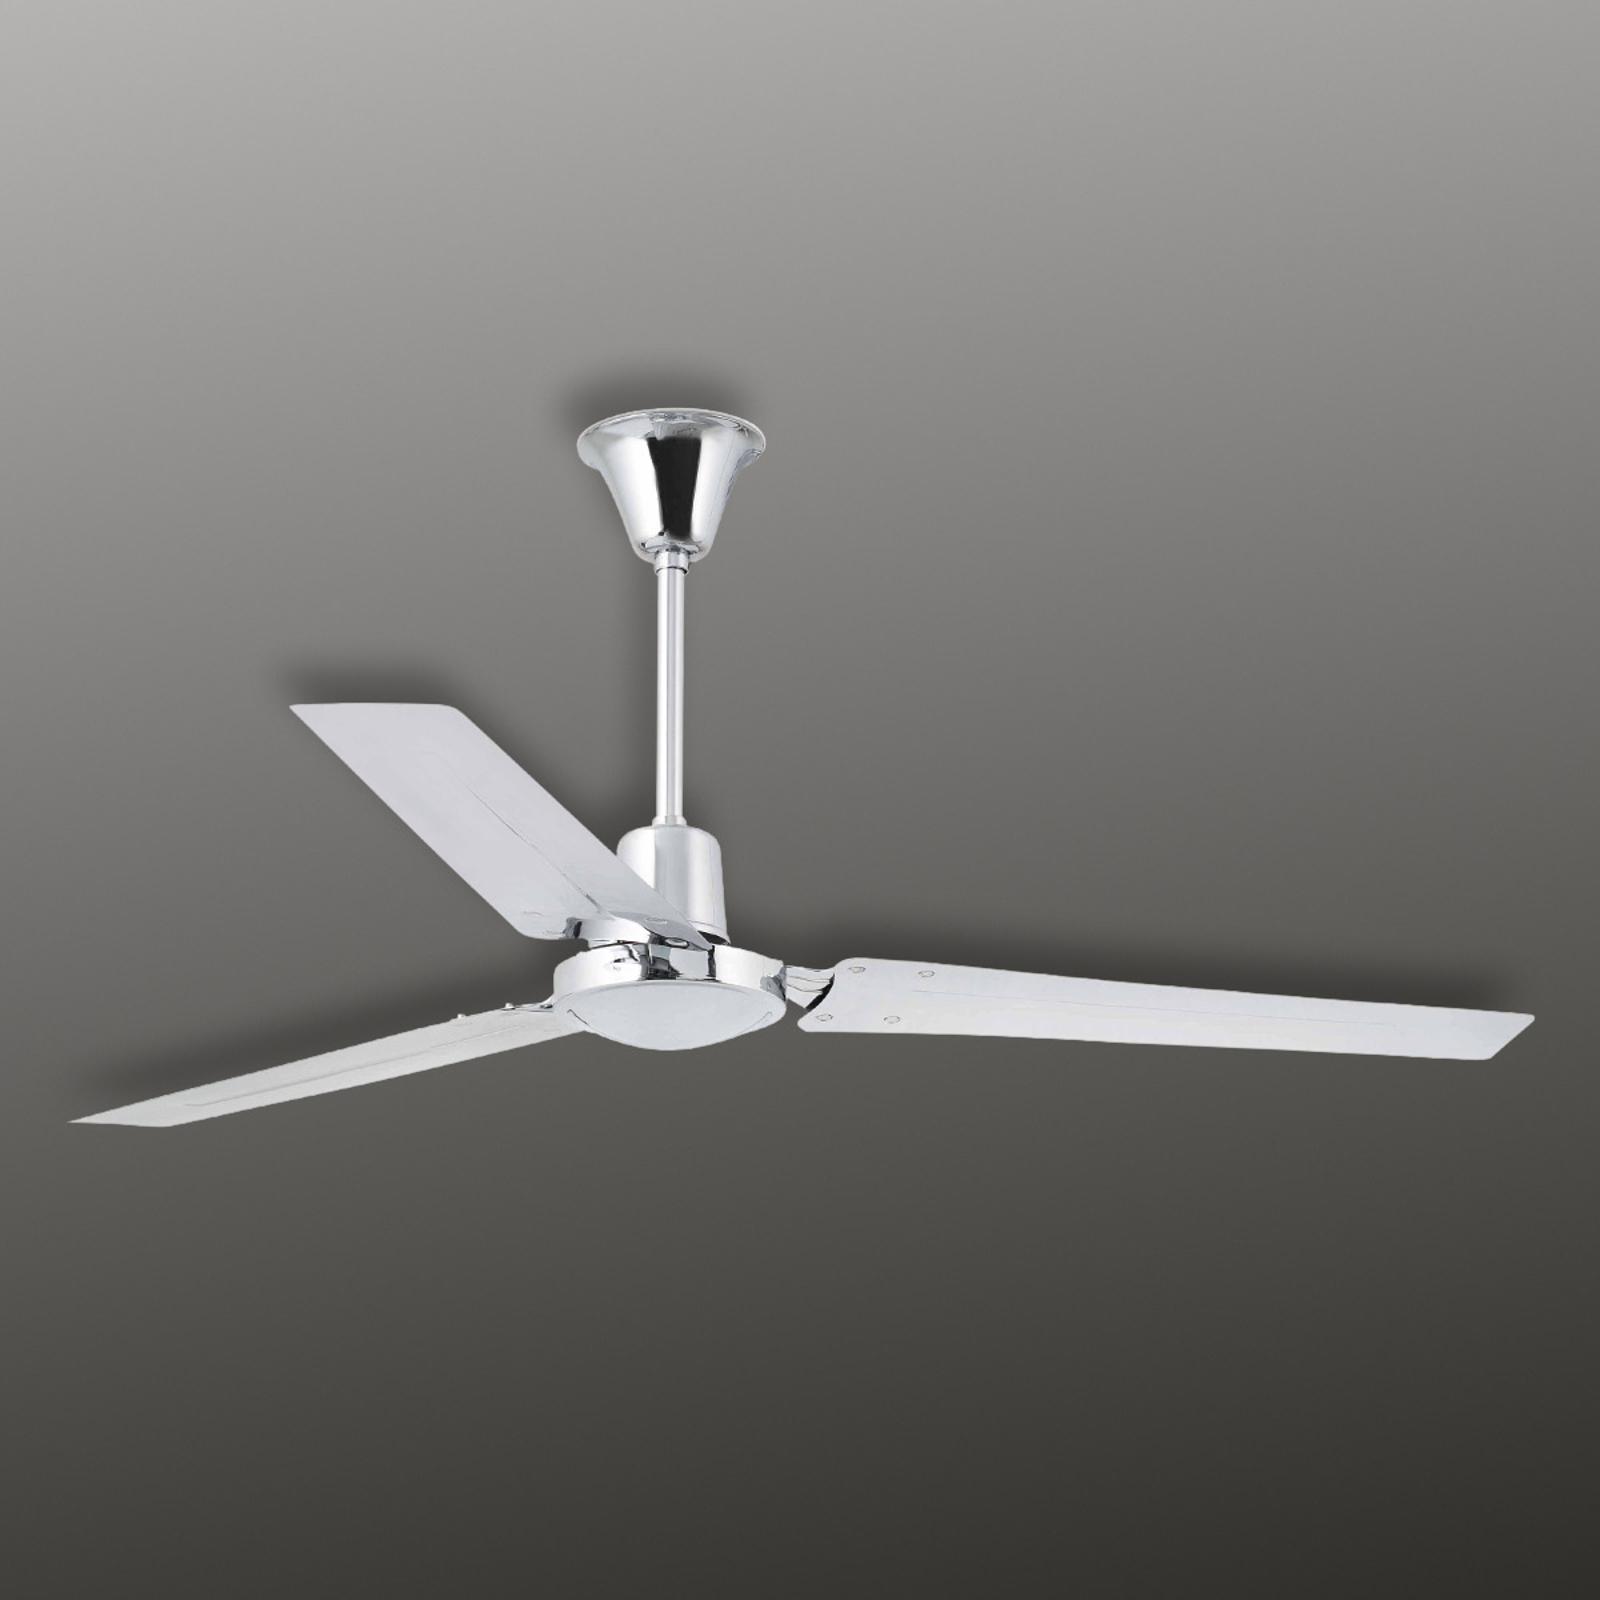 INDUS - supermoderní stropní ventilátor chróm